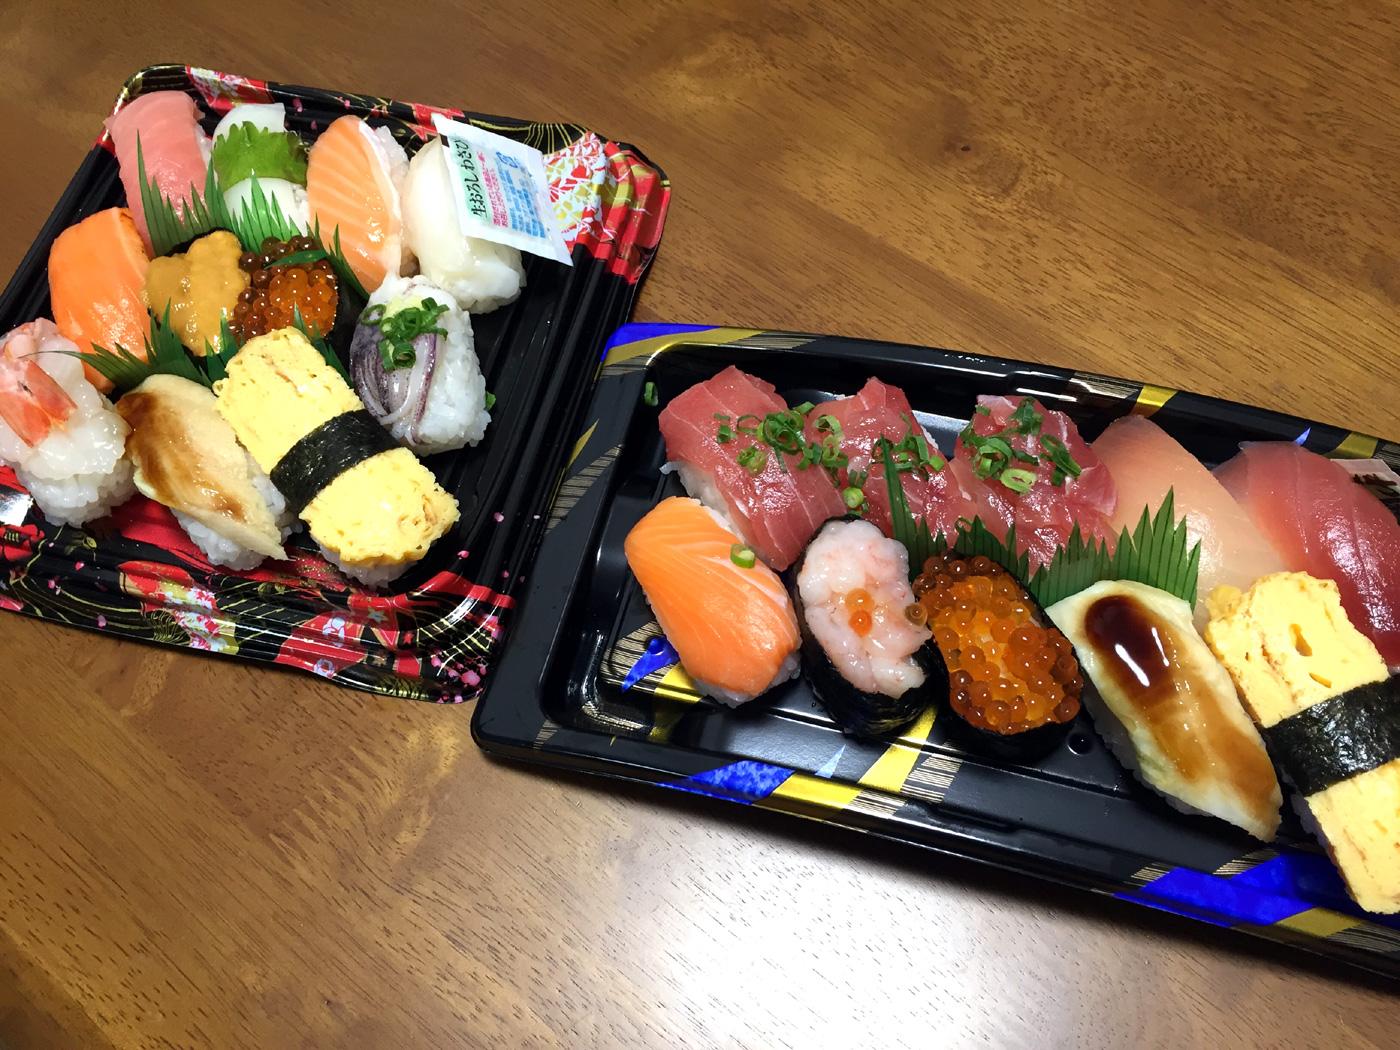 売れ残りの寿司